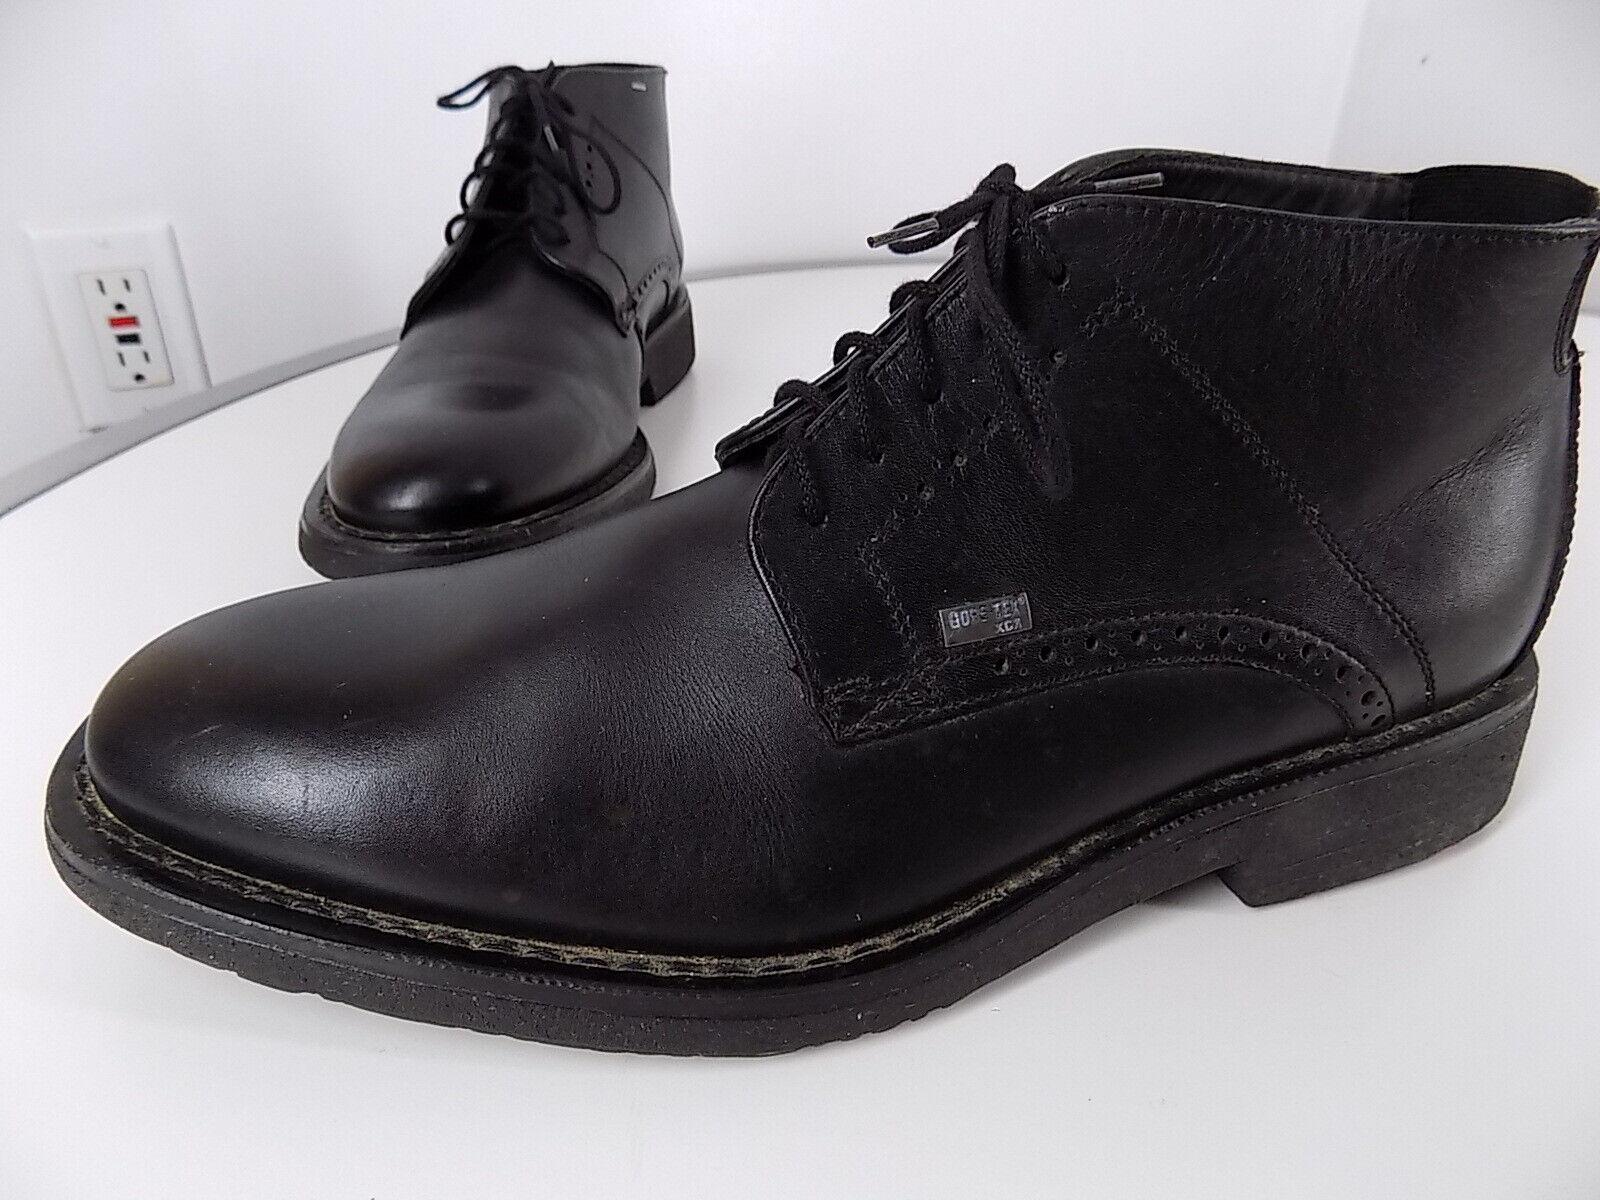 Lloyd  Vallet  botas al tobillo con Gore-Tex, usado en excelente condición excelente, Alemán hizo